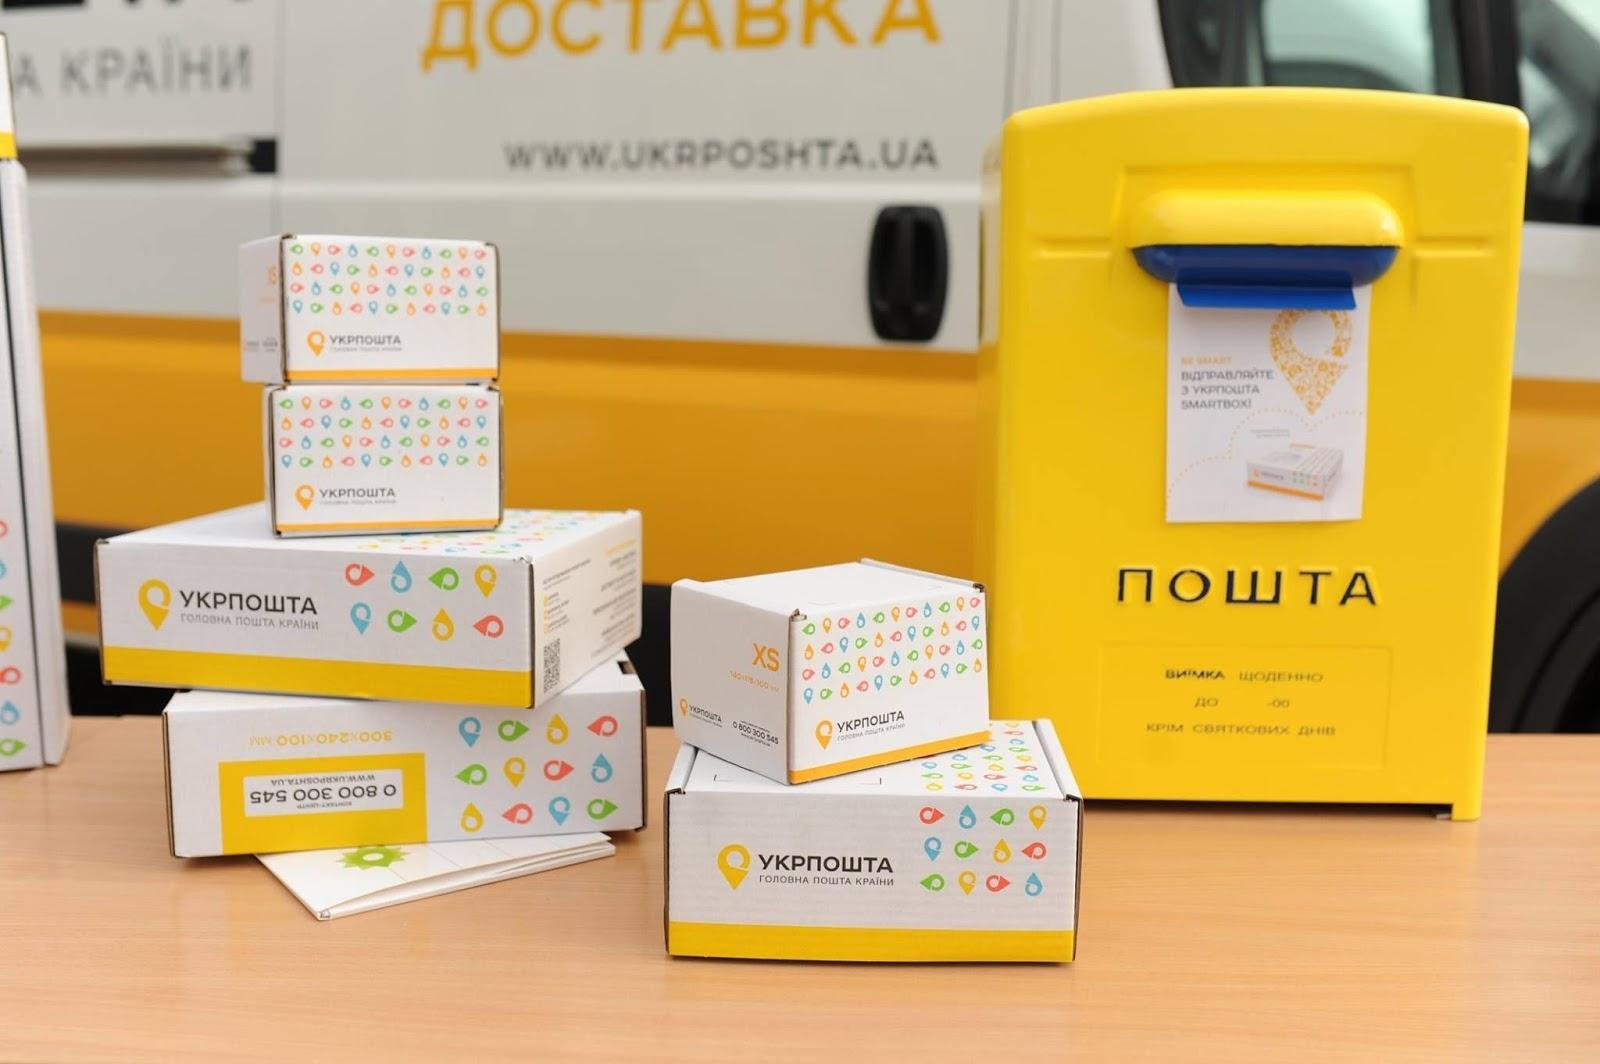 Как быстро отследить посылку в Украине